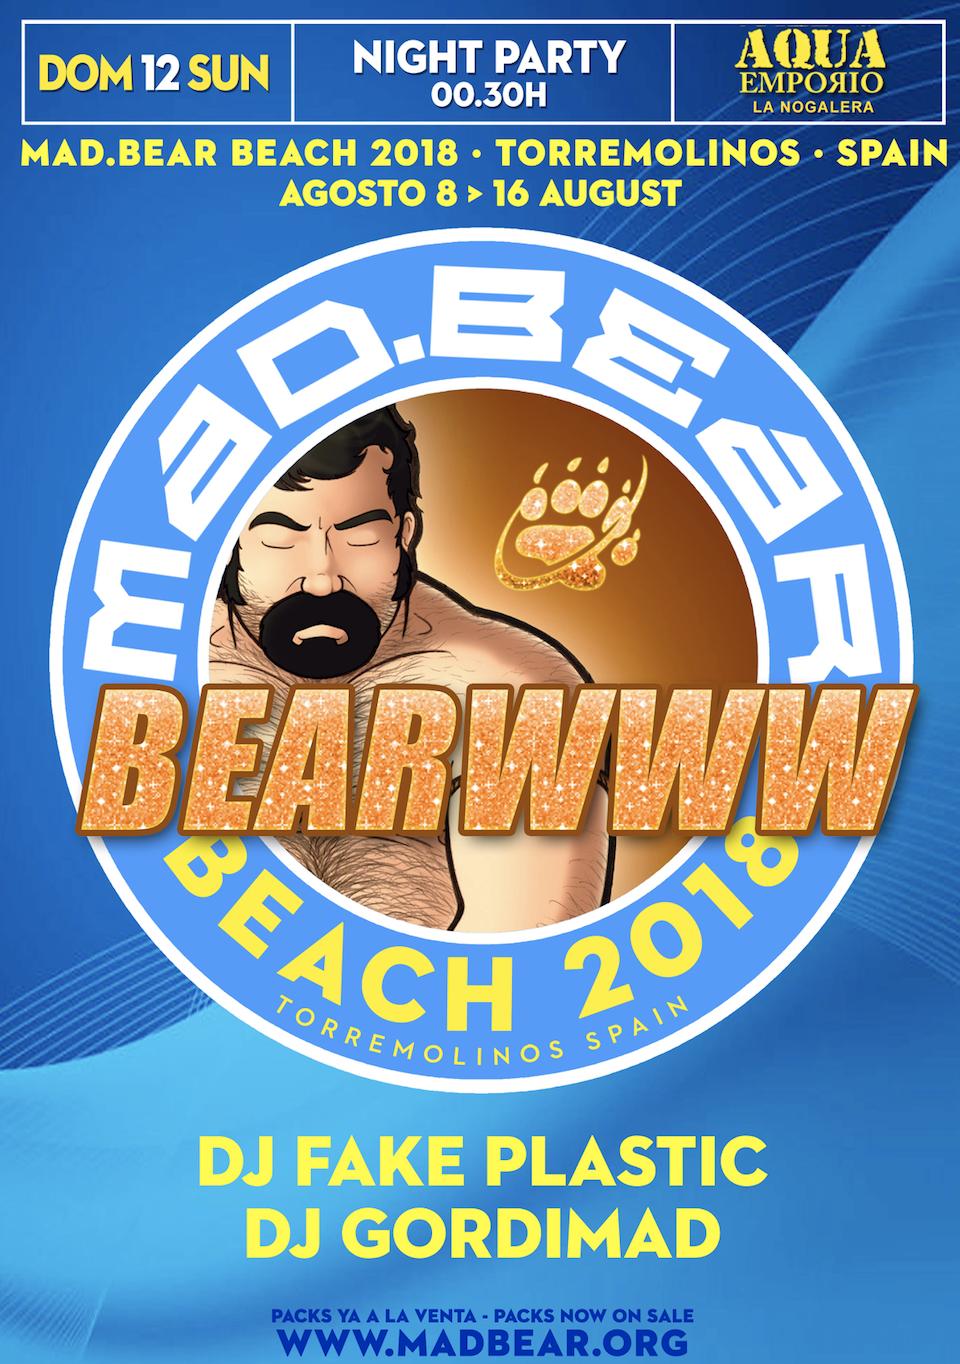 madbear beach 2018